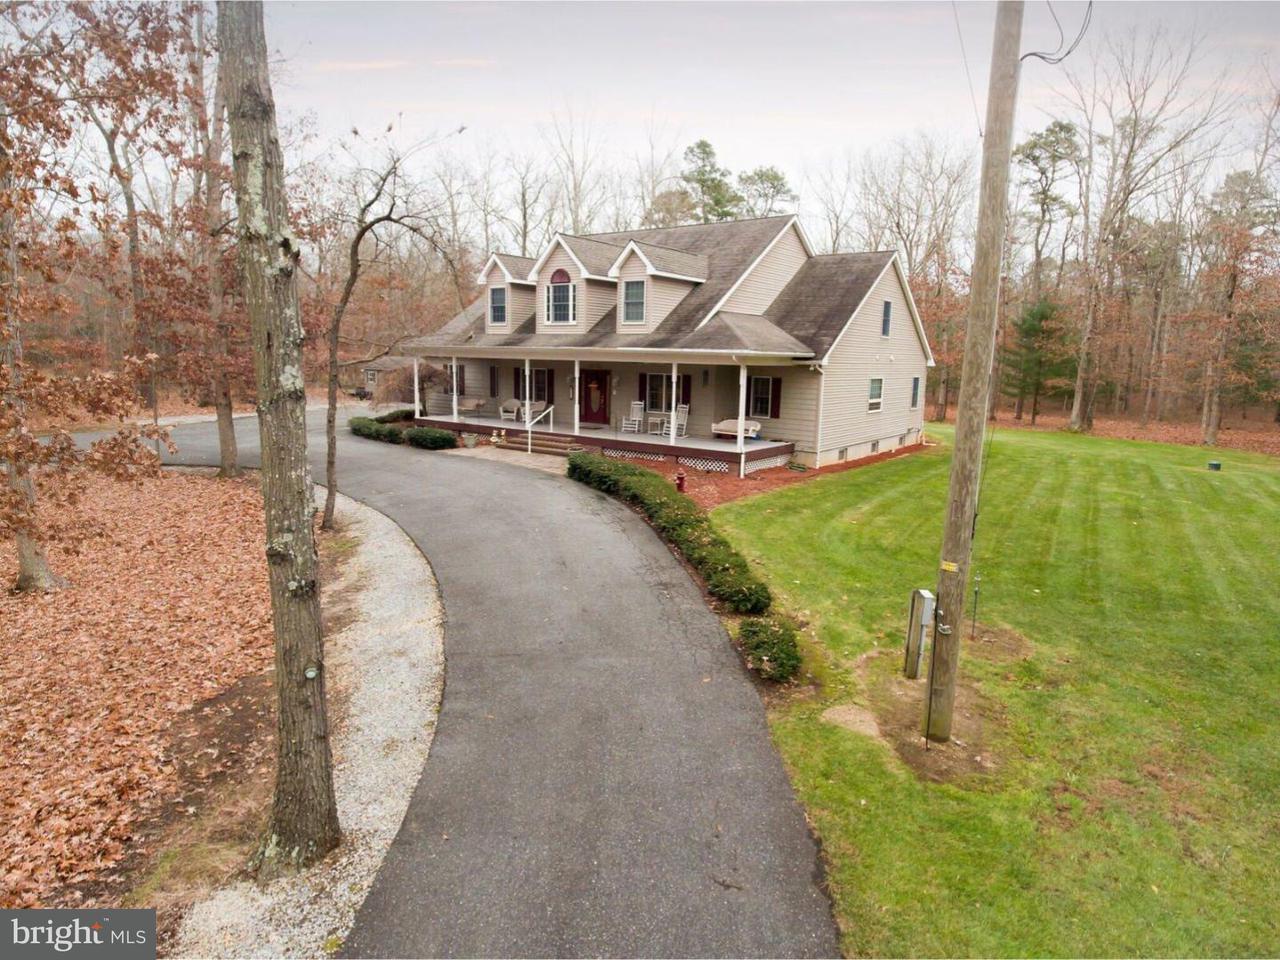 Частный односемейный дом для того Продажа на 141 10TH Avenue Estell Manor, Нью-Джерси 08317 Соединенные Штаты